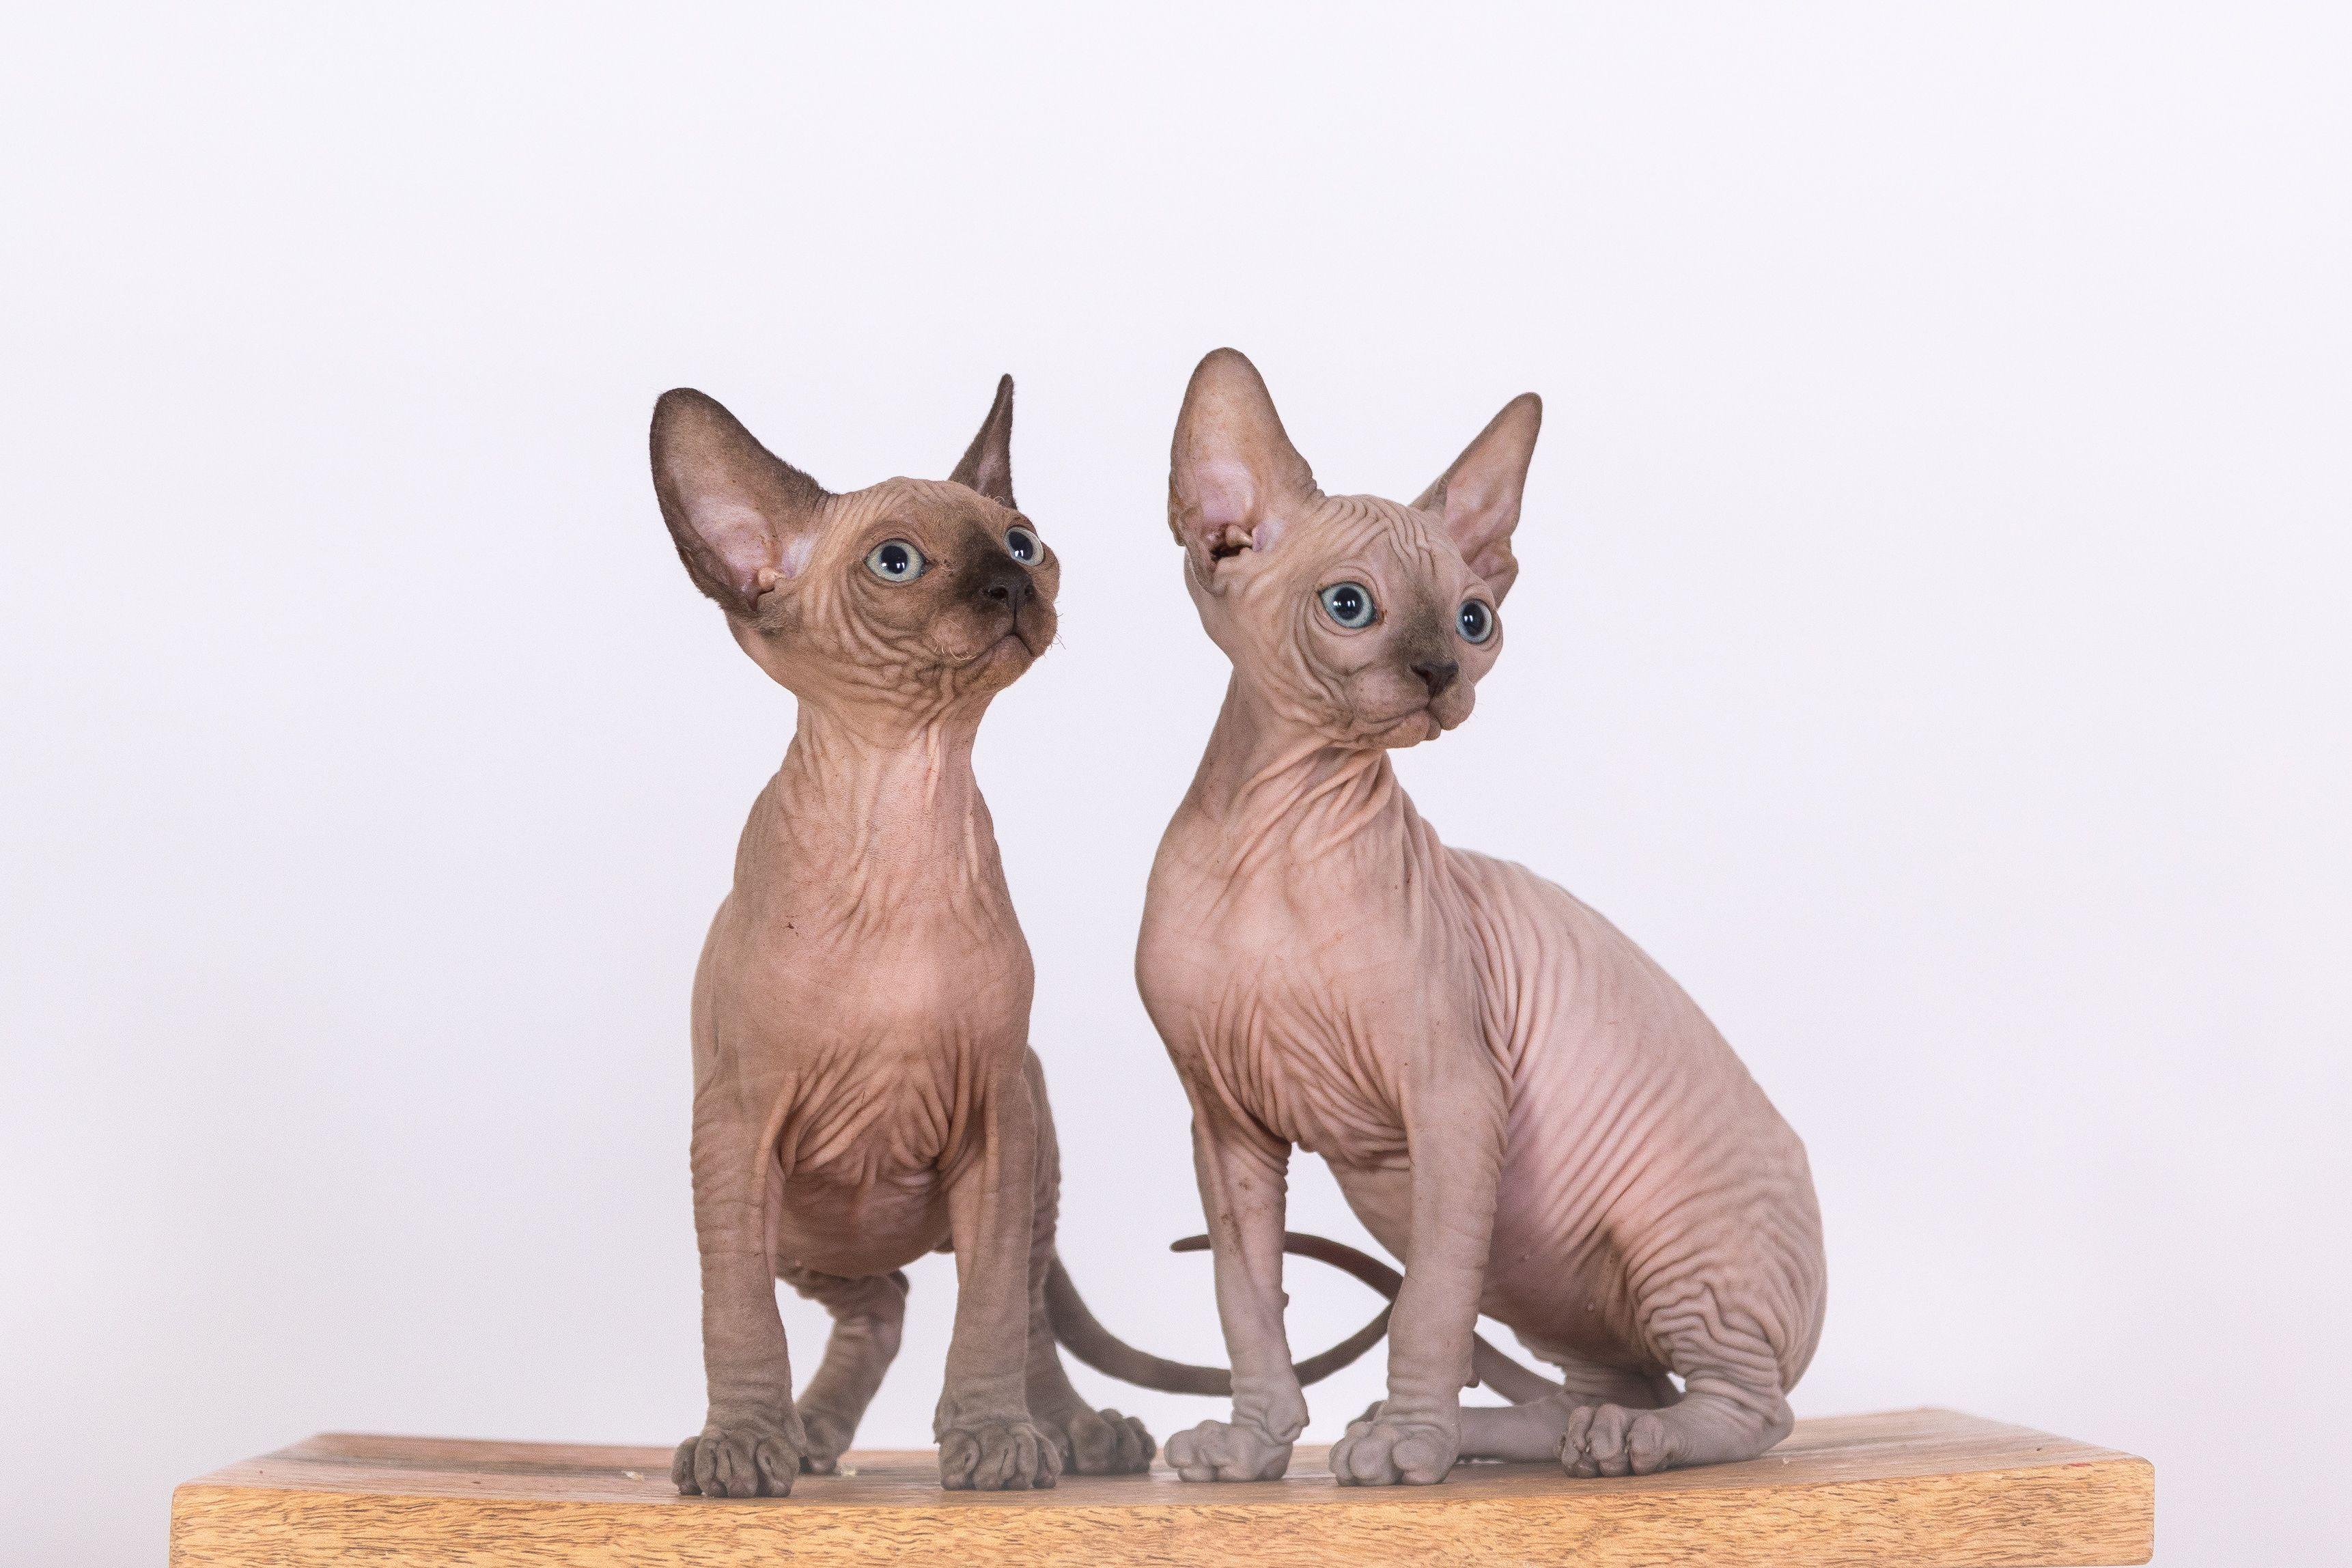 Sphynx Kittens, Staten Island, NY 10305 SphynxCats